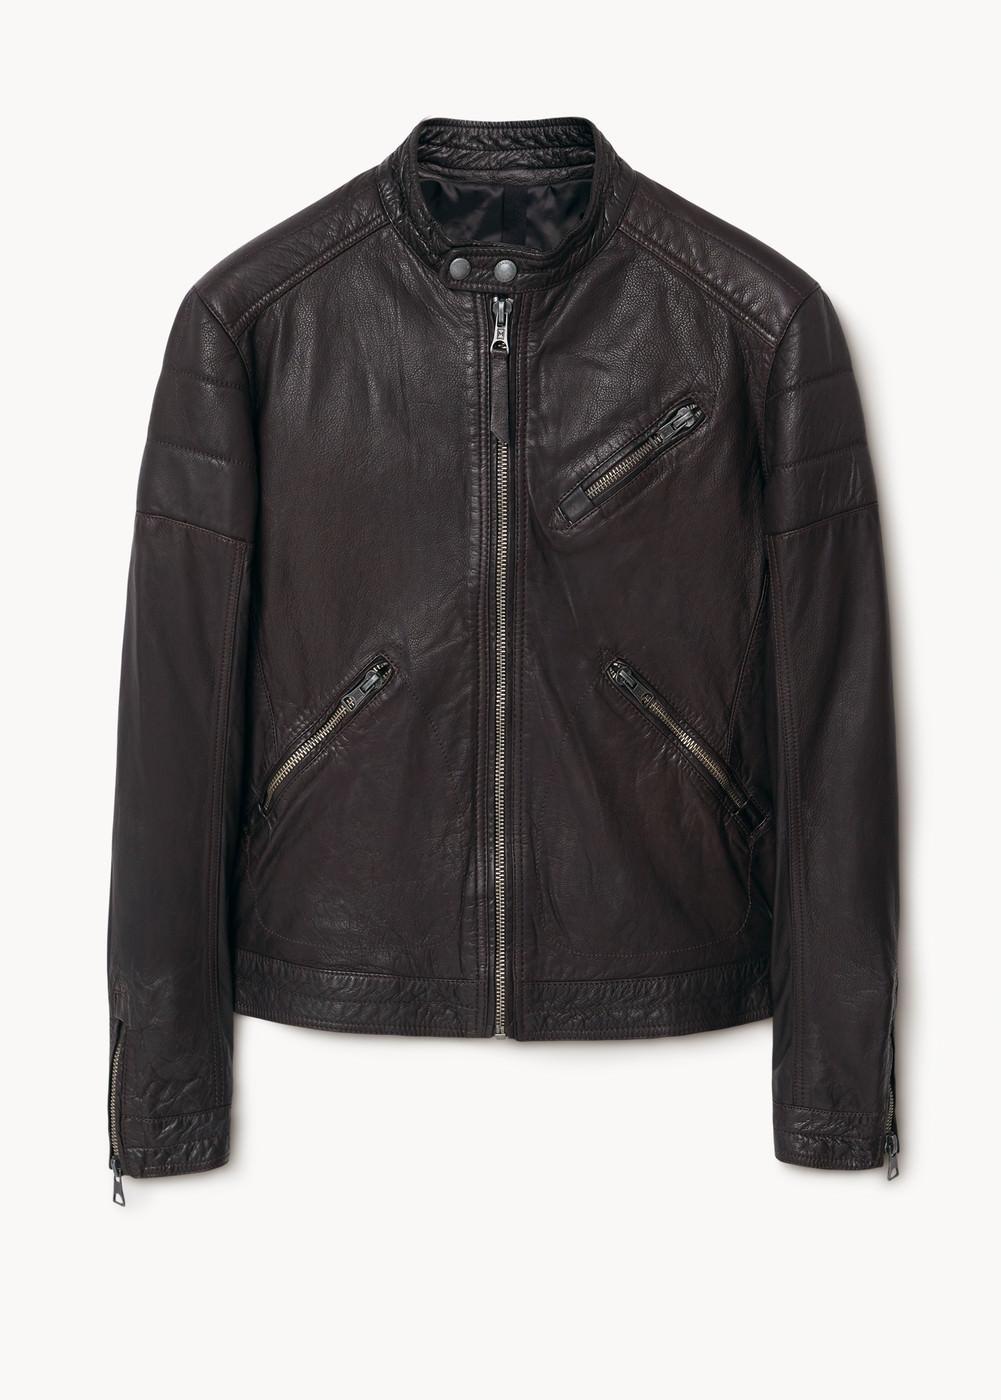 Męska skórzana kurtka biker 67% taniej (przecena z 929,90zł) @ Mango